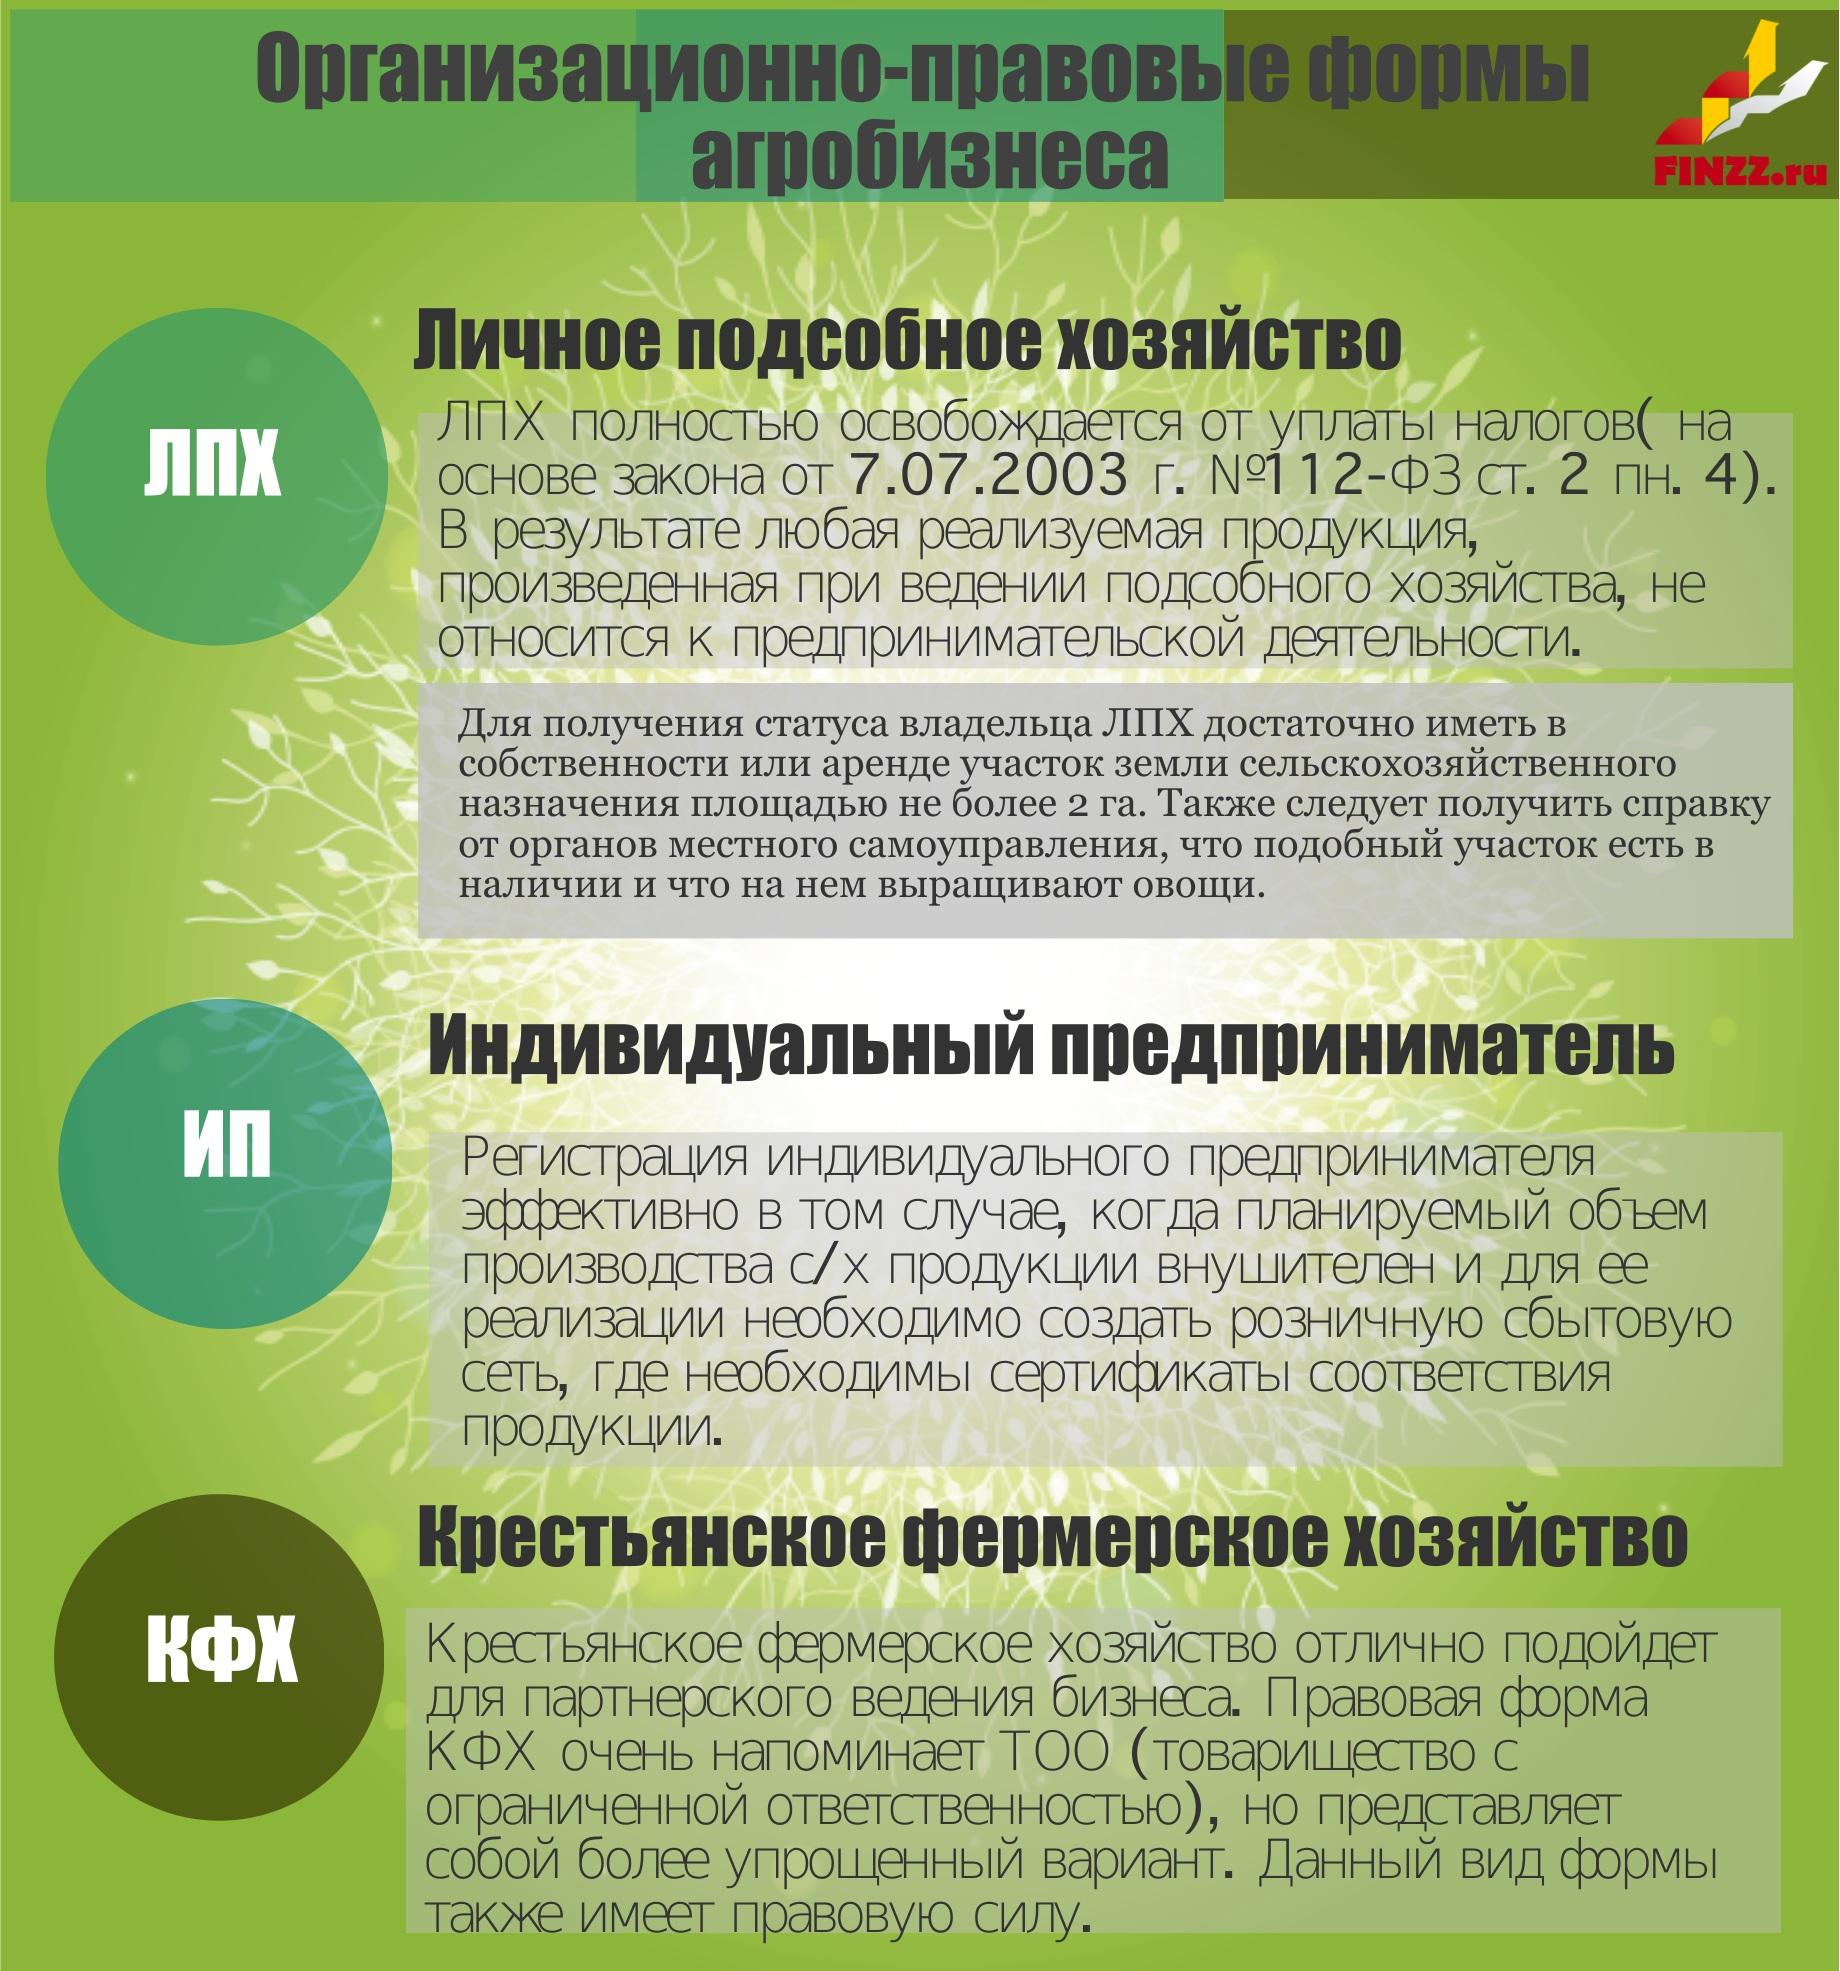 Как открыть фермерское хозяйство (КФХ) с нуля. Формы агробизнеса ЛПХ, ИП